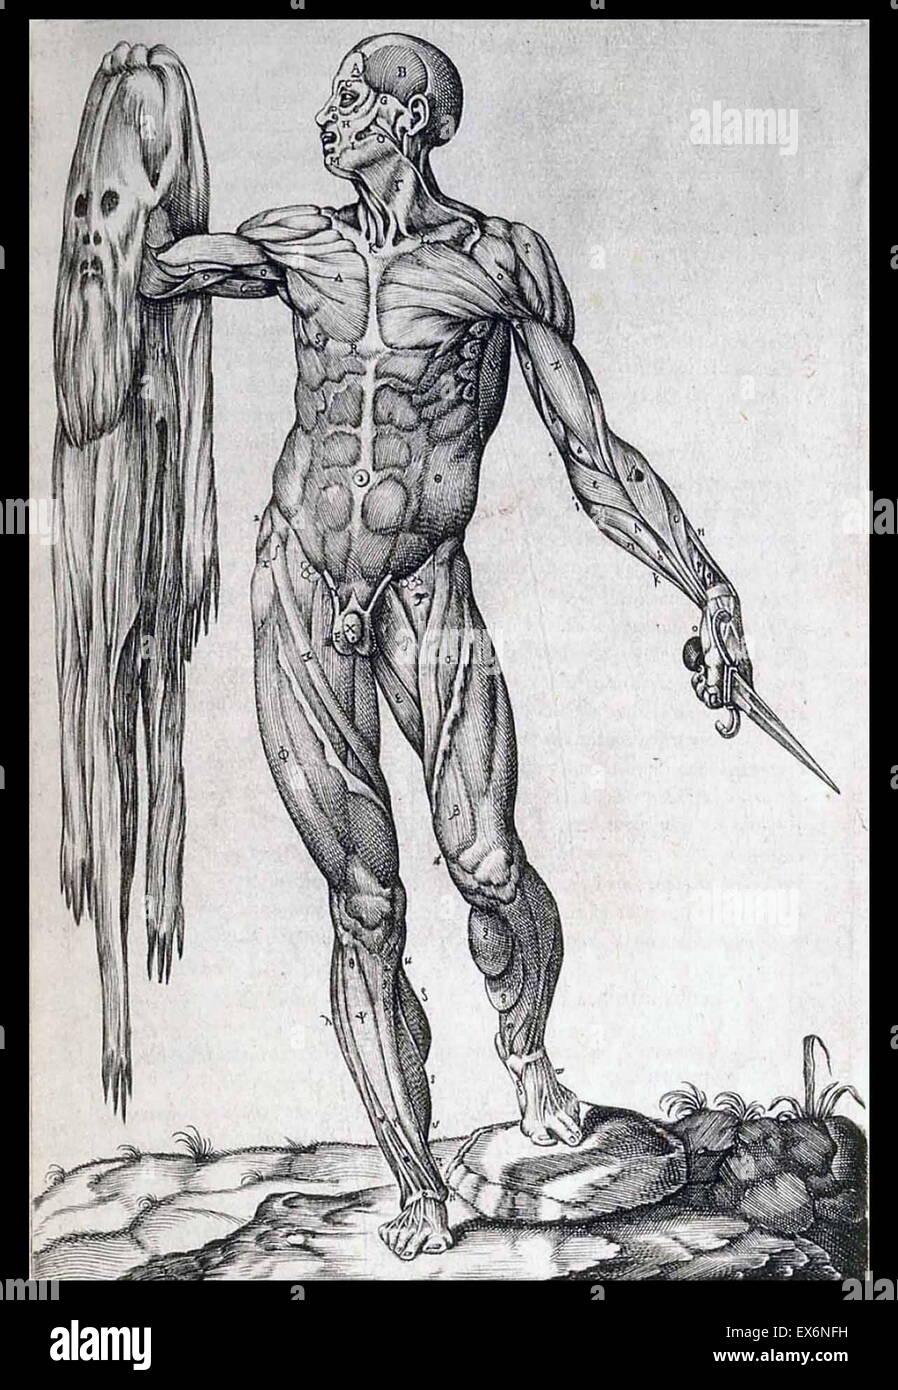 Illustrazione da 'anatomia del corpo humano' Roma, 1559. da Juan Valverde de a Amusco (ca. 1525 - ca. 1588) Immagini Stock